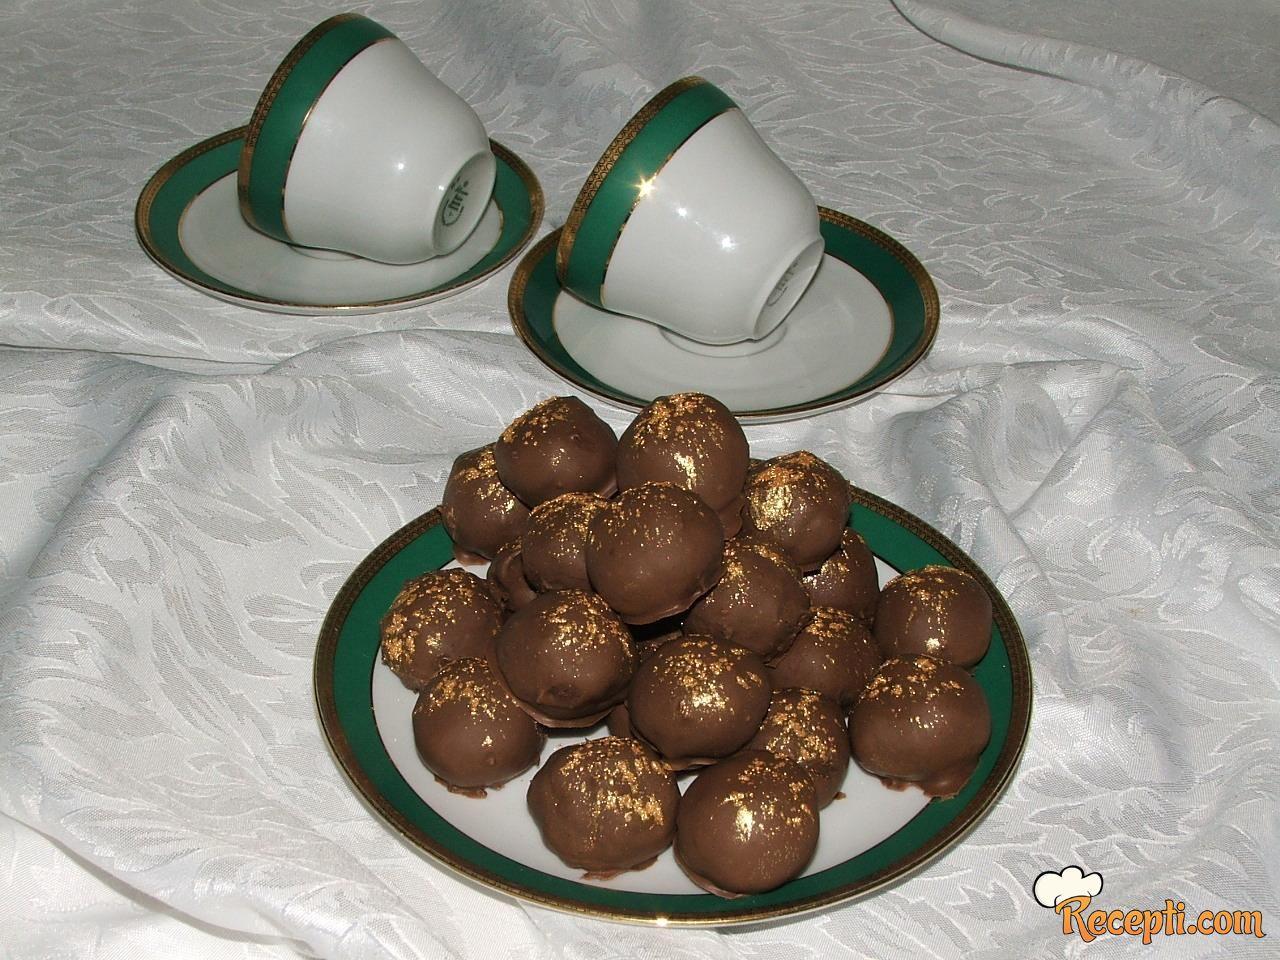 Čokoladne kuglice (6)